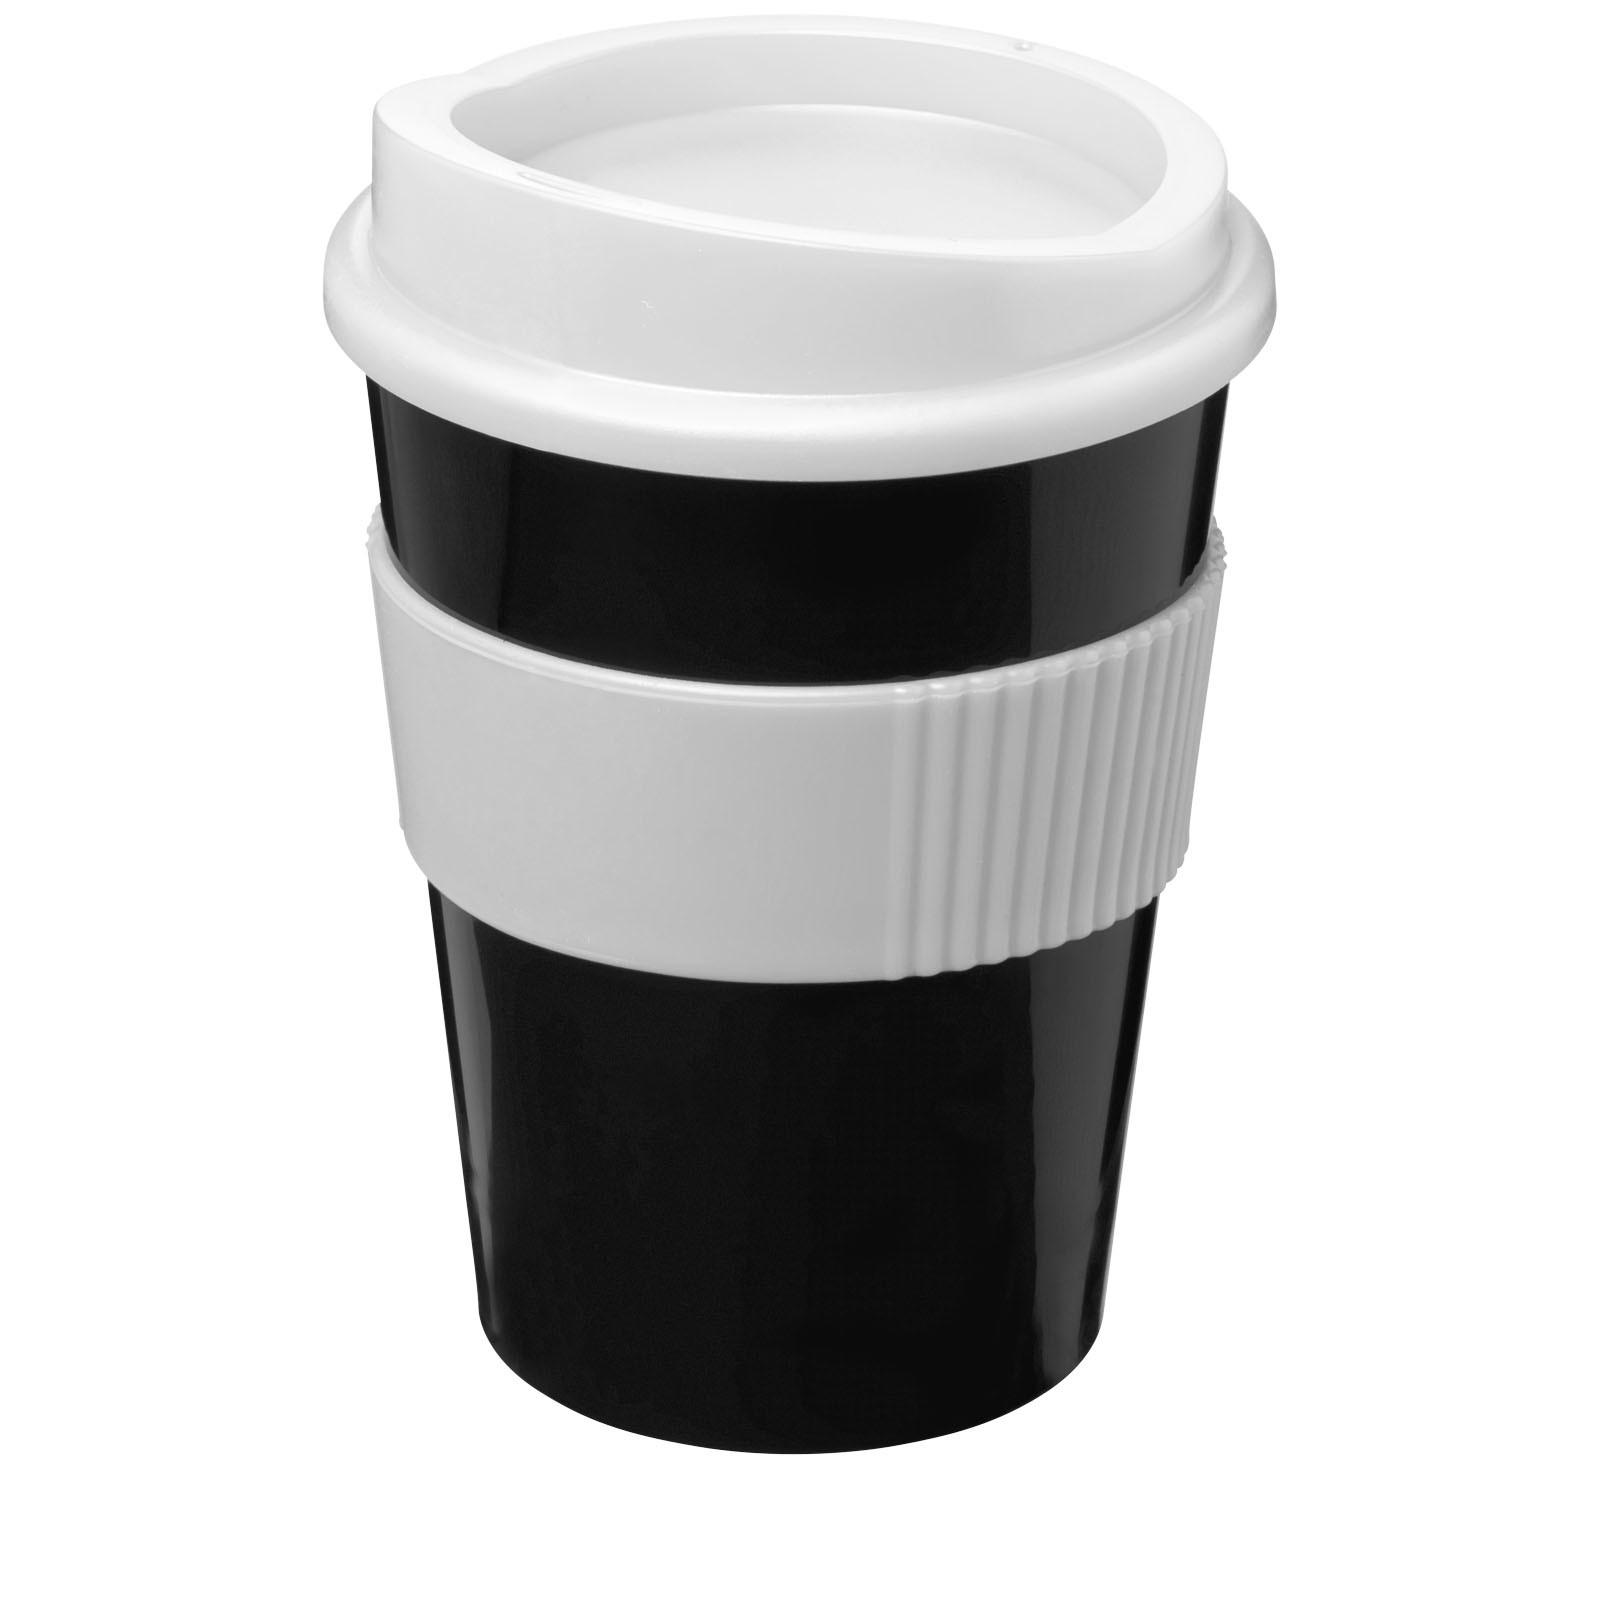 Hrnek s rukojetí Americano® medio 300 ml - Černá / Bílá